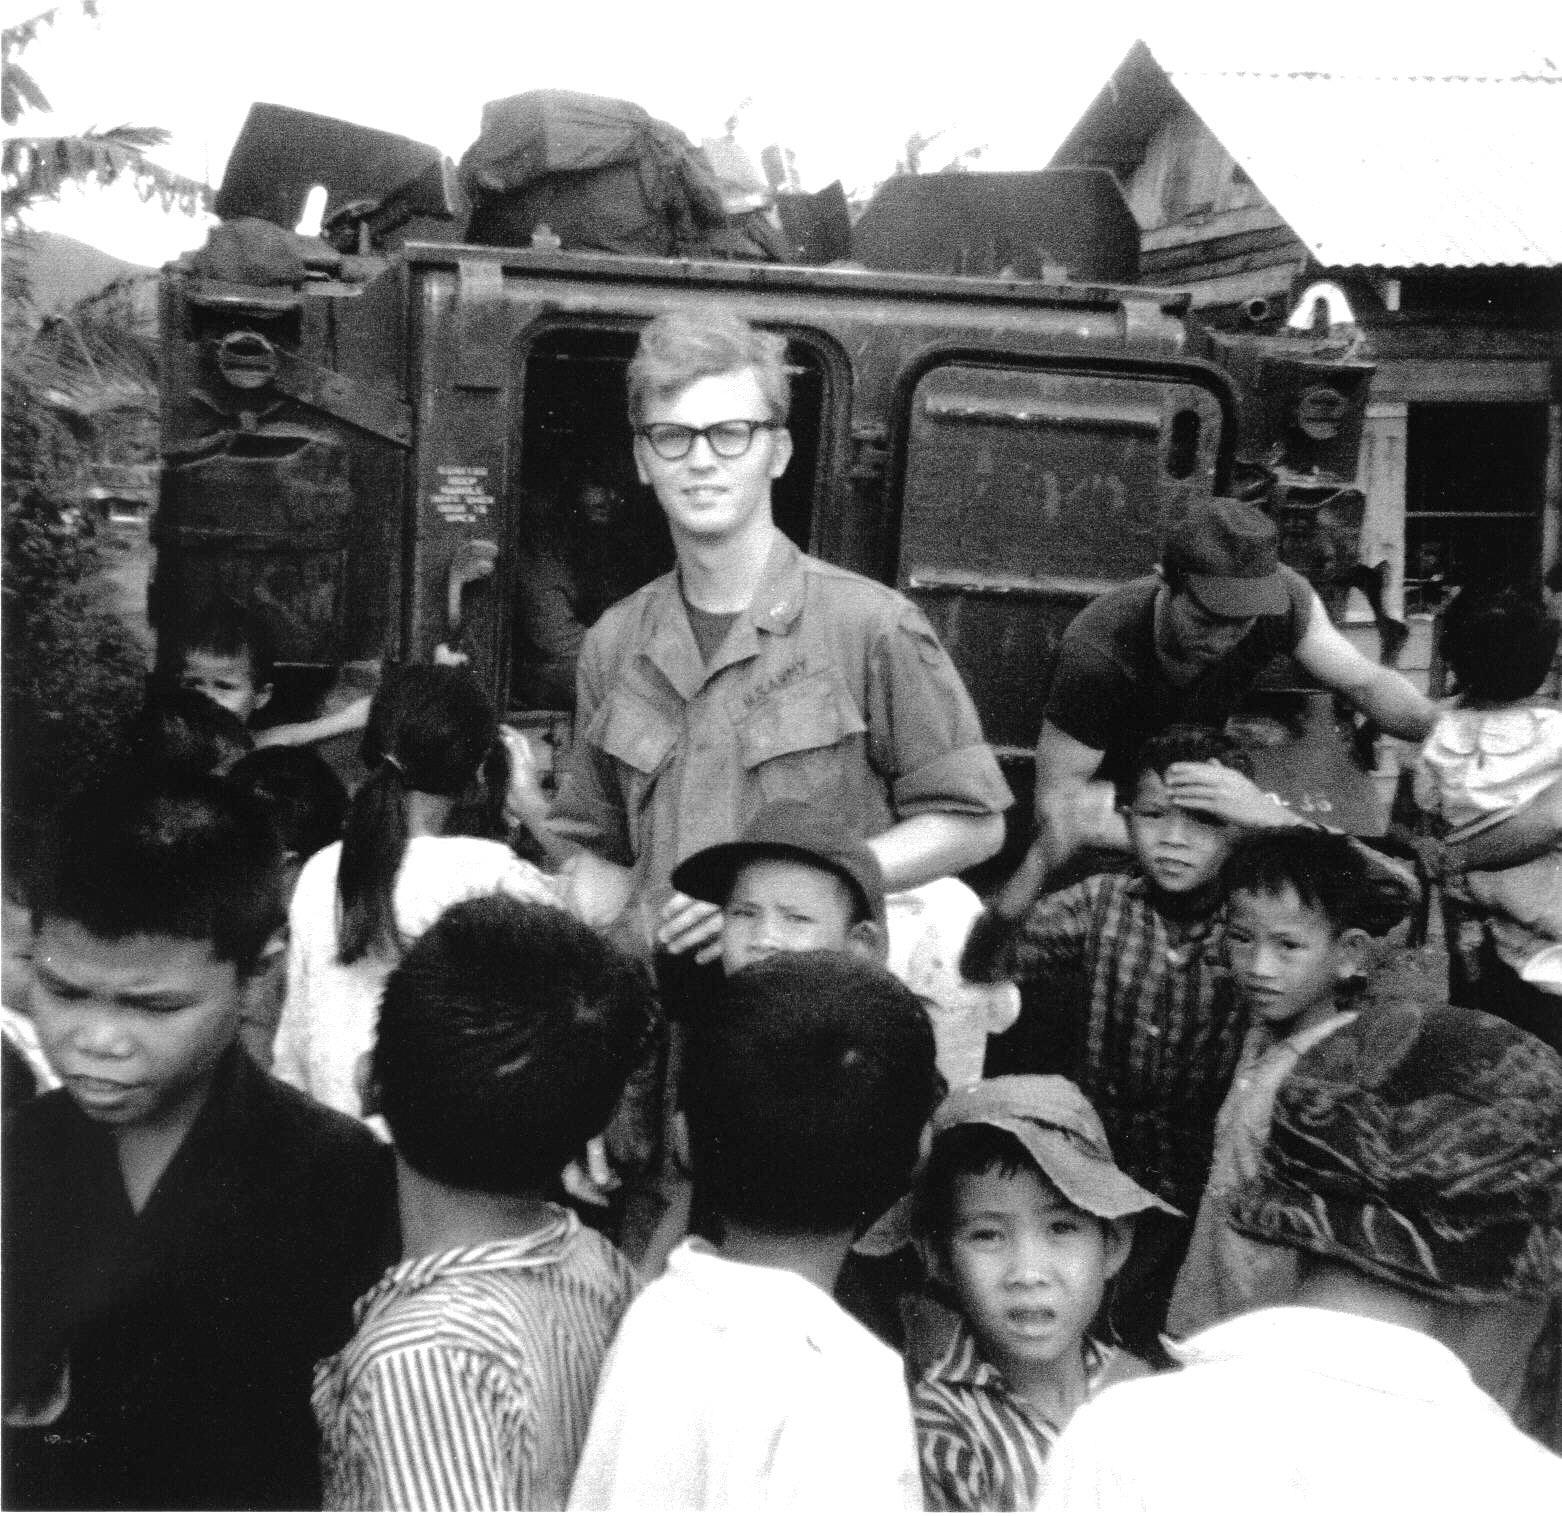 A Vietnam image